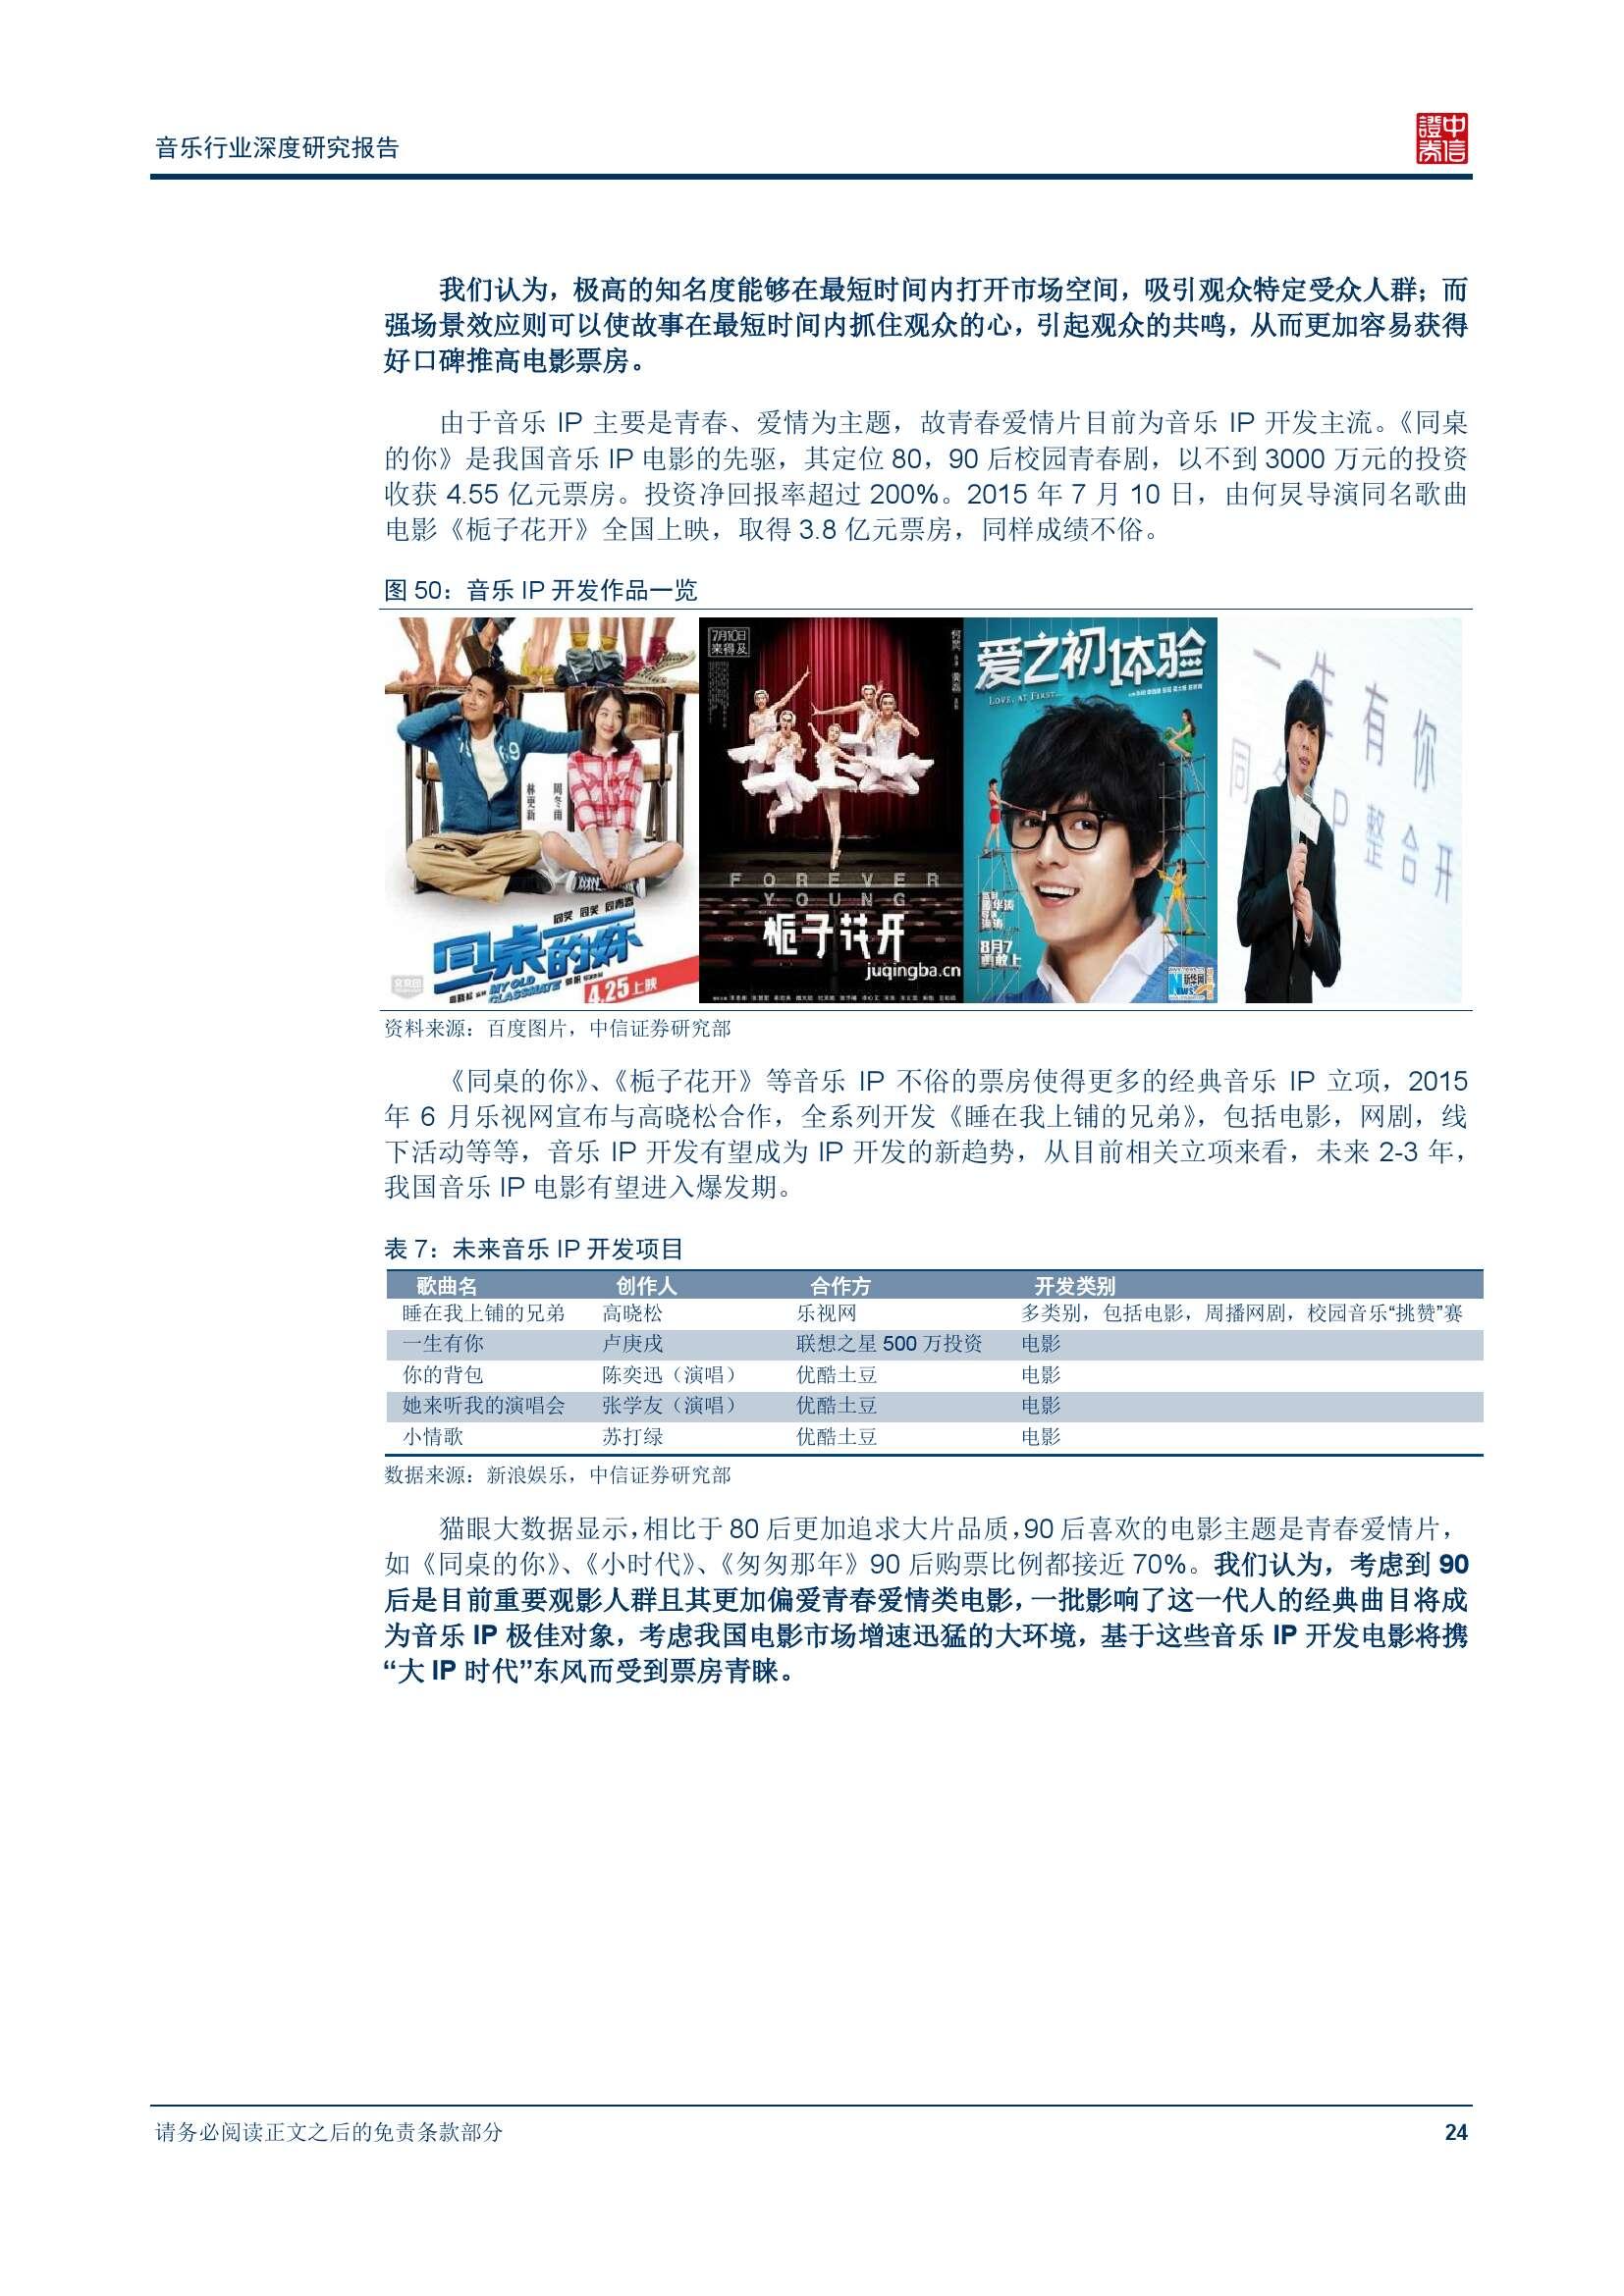 中信证券音乐行业深度研究报告_000029